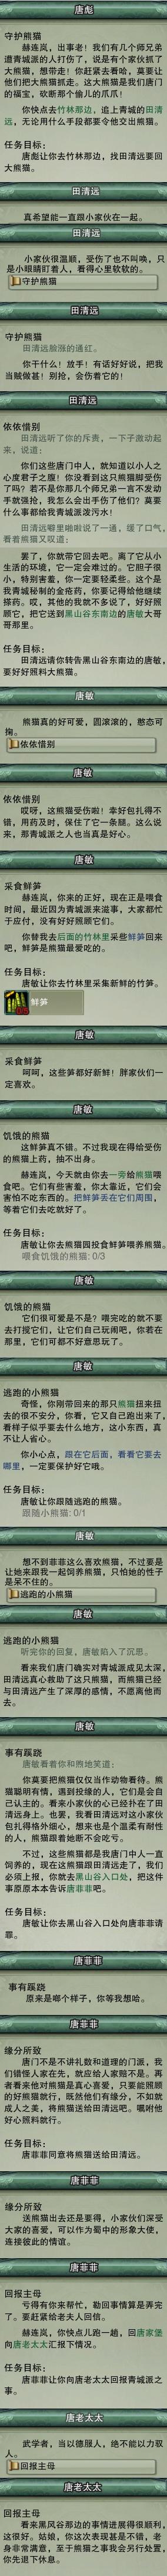 主线任务05 - 黑风谷熊猫事件.jpg